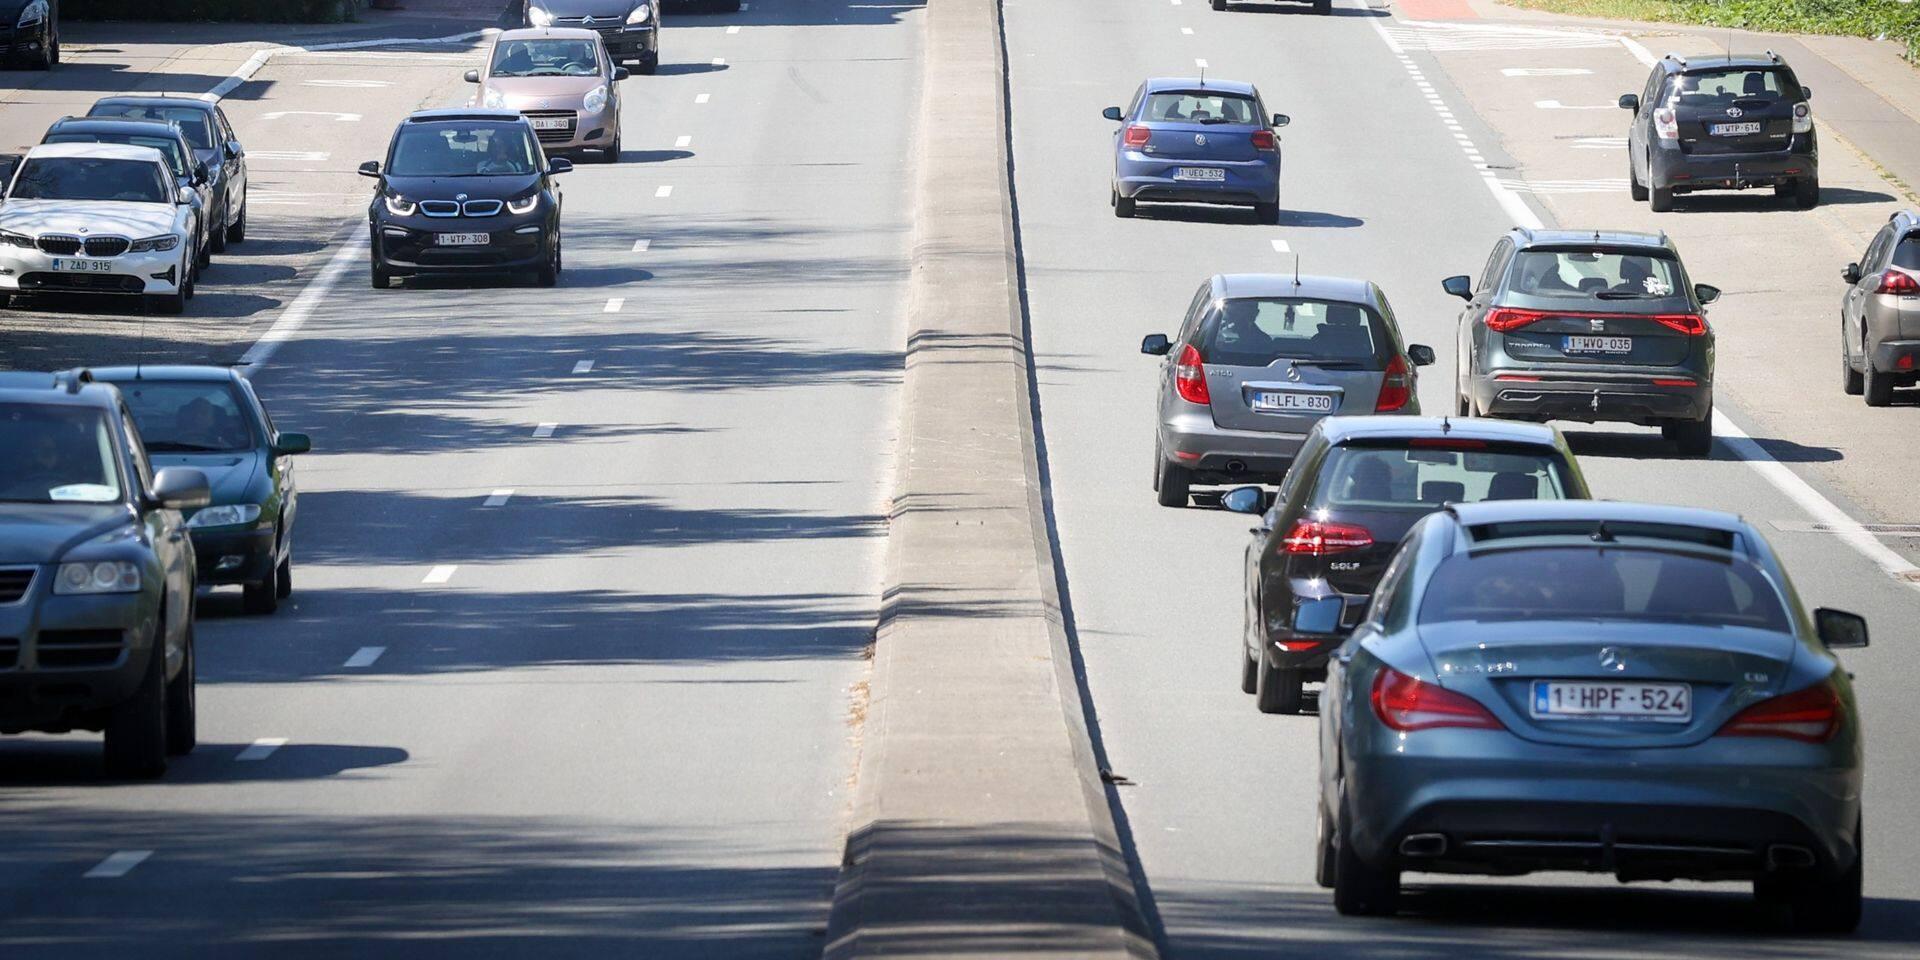 Le retour du permis à points, un objectif ambitieux...: ce que la Vivaldi prévoit en matière de sécurité routière